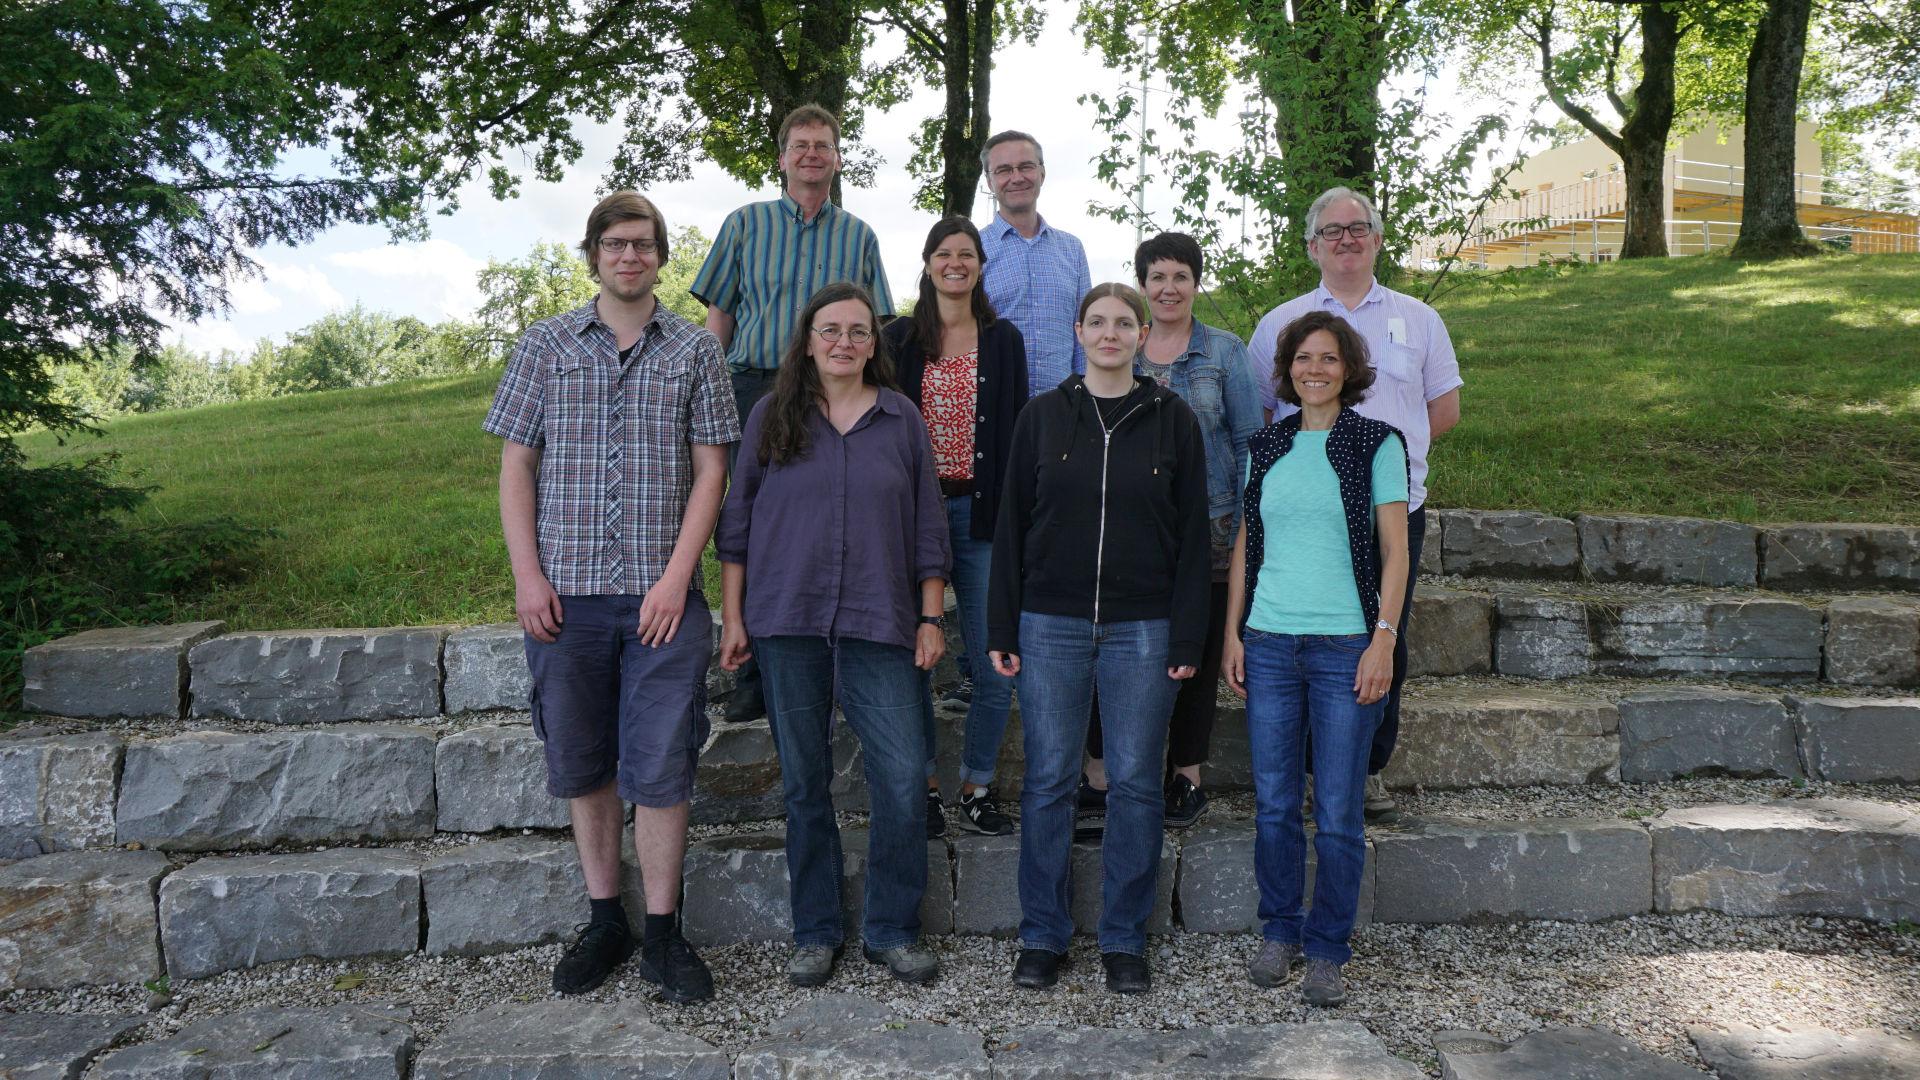 Photo de l'équipe ITMS lors d'un workshop à Berne (septembre 2017). De gauche à droite: Rahel C. Ackermann, Michael Matzke, Monika von Grünigen, Michael Nick, André Barmasse, Anne-Francine Auberson, Markus Peter (président de la commission de l'ITMS).